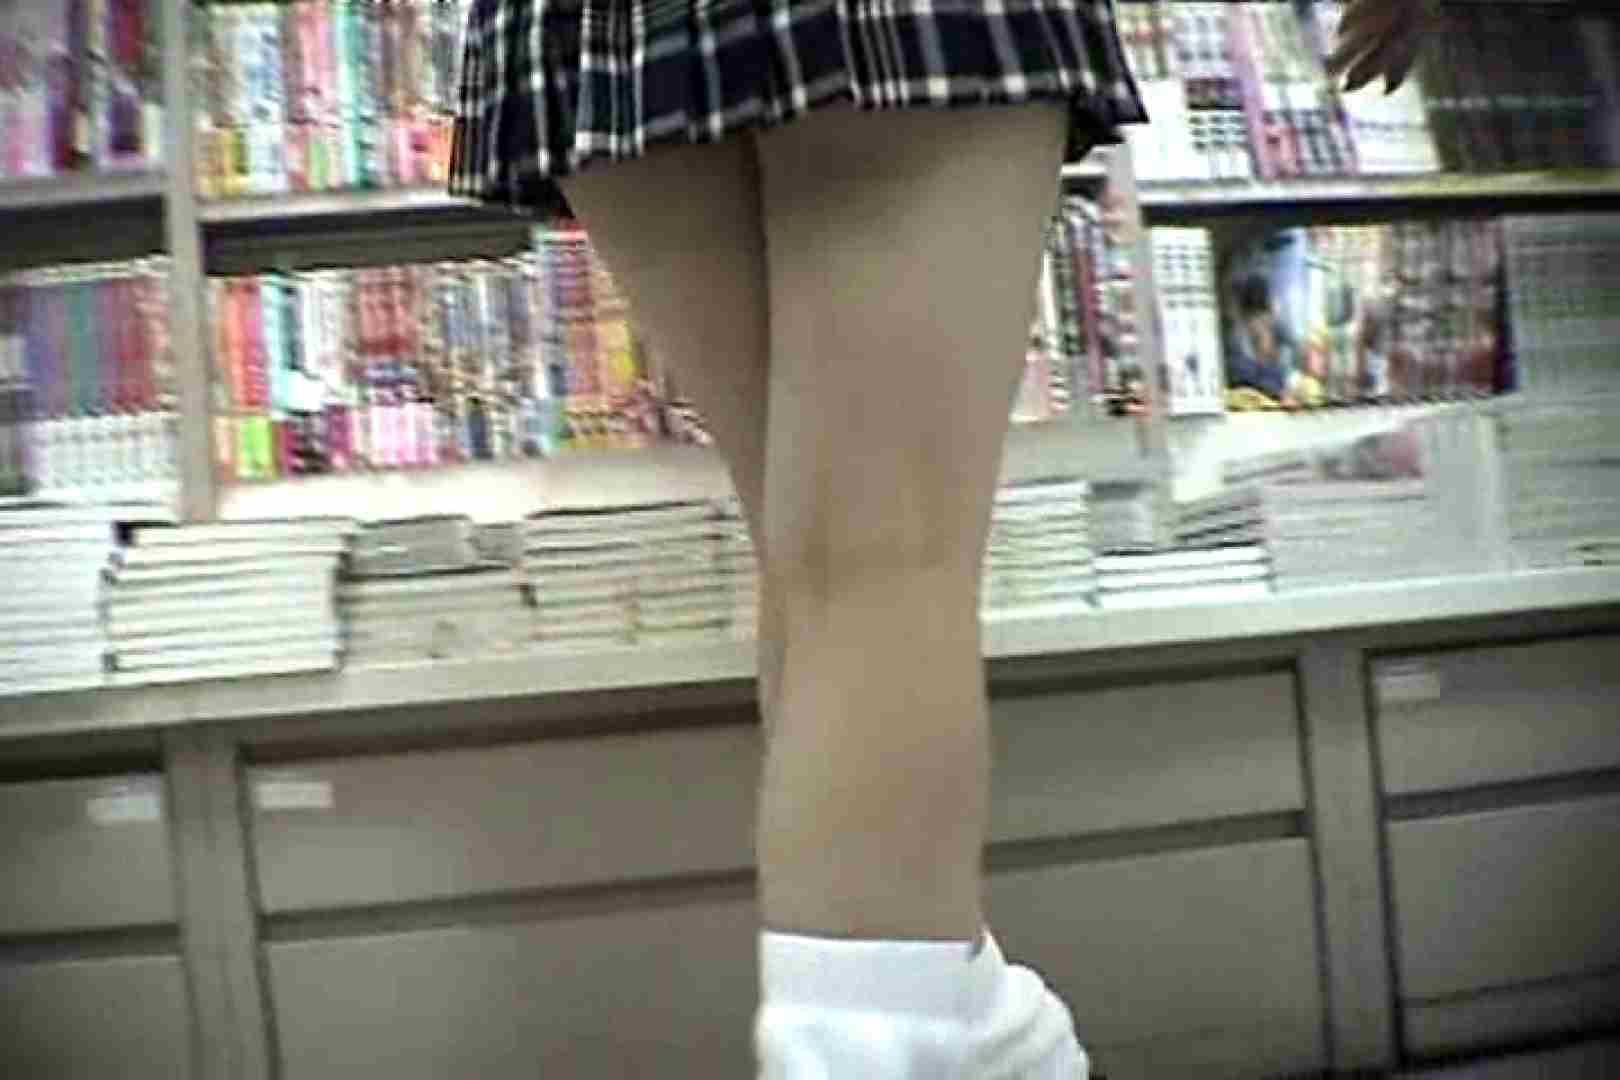 がぶりより!!ムレヌレパンツVol.5 ミニスカート 覗き性交動画流出 89画像 44